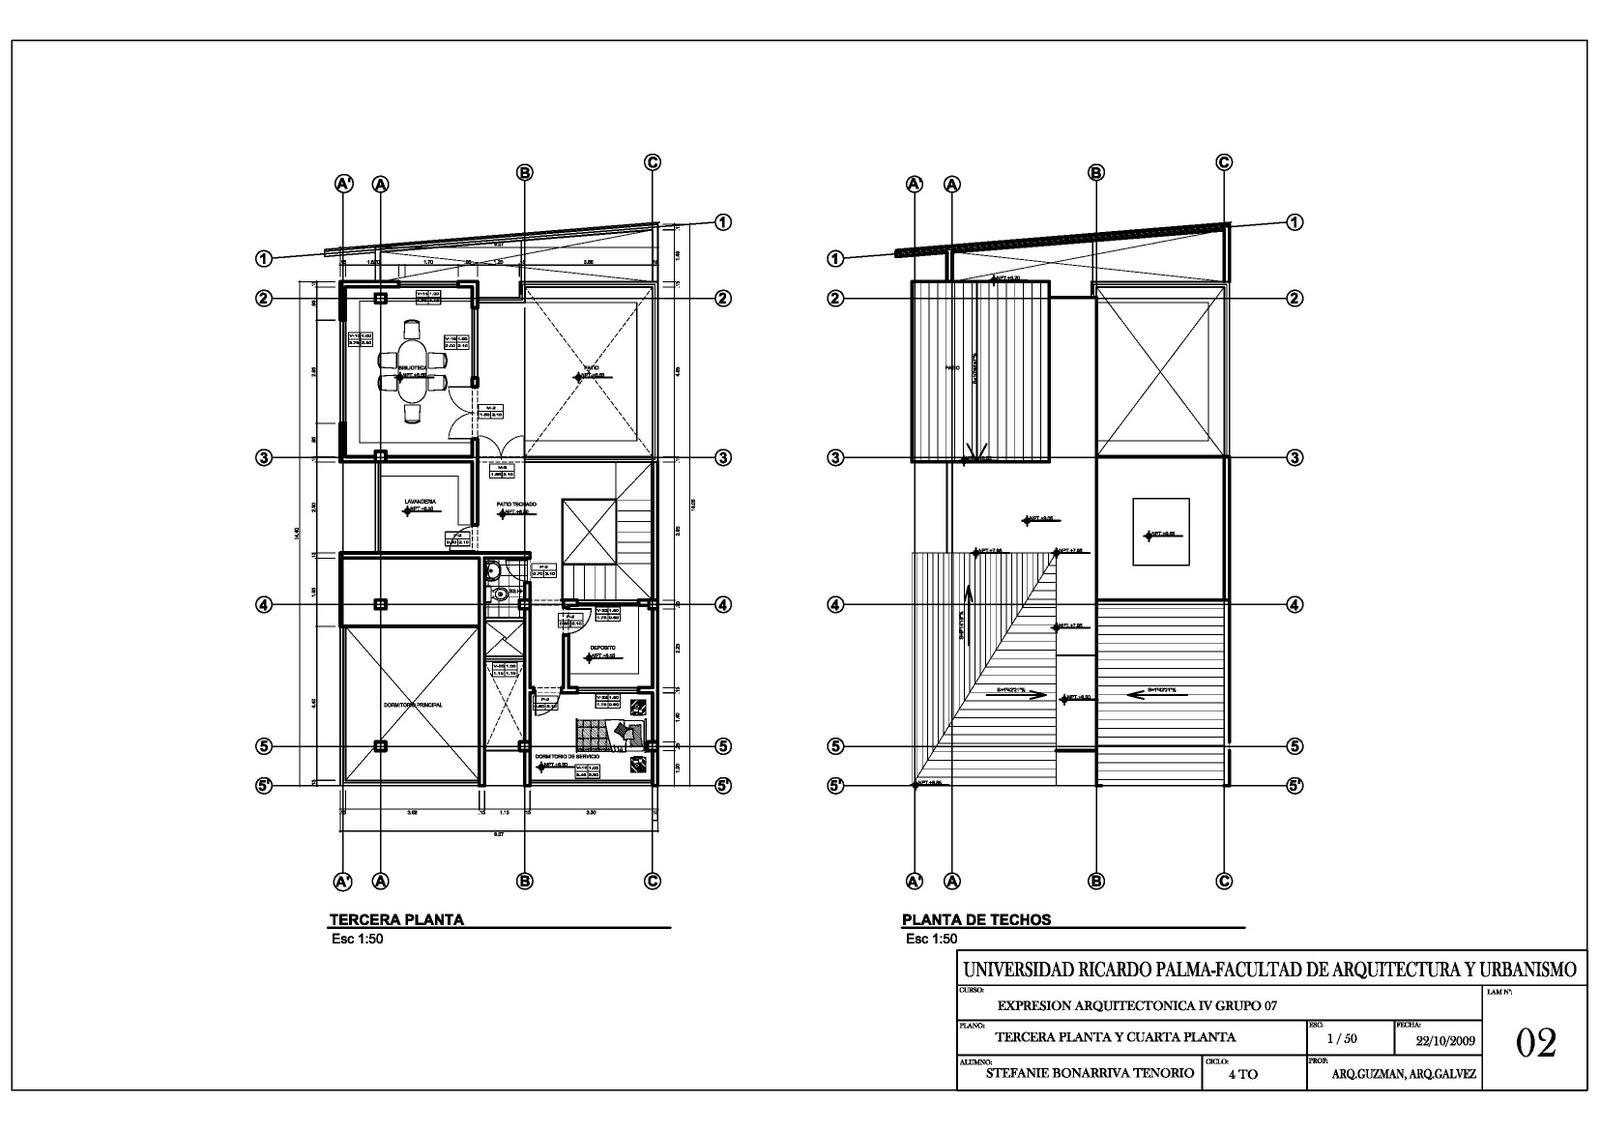 Planos generales clave y numero de escala en planos for Planos de arquitectura pdf